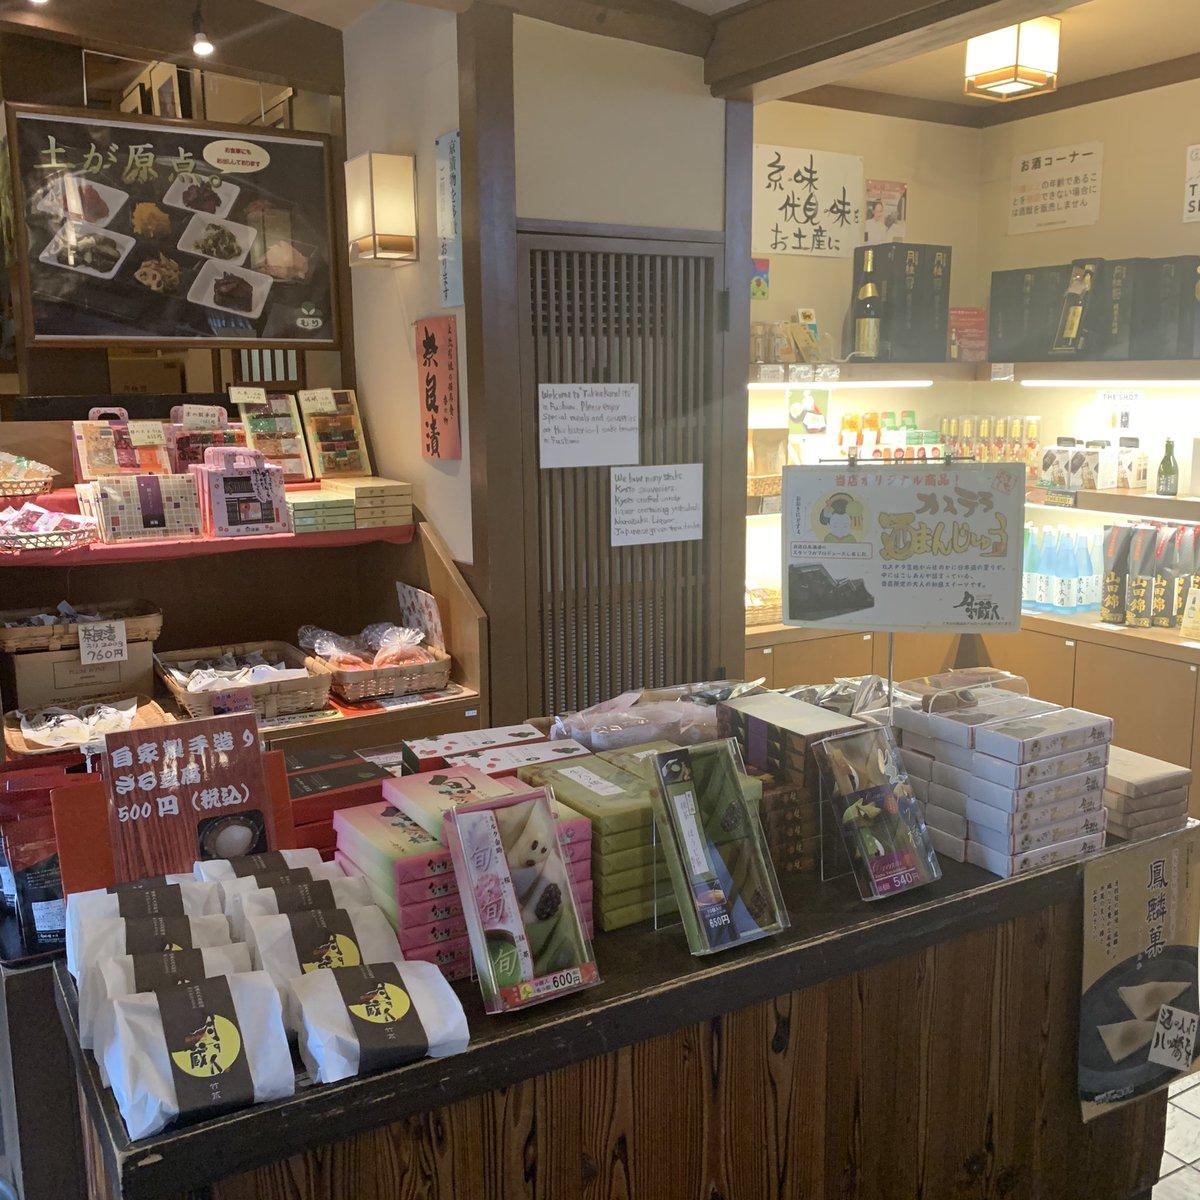 当店ではおみやも販売しております。自慢のざる豆腐もお持ち帰り用でもご用意してます。日本酒も手土産にいかがでしょうか。買い物だけのお立ち寄りでもお待ちしております。#京都グルメ #京都ランチ #月桂冠 #日本酒 #一休庵 #酒蔵レストラン #京都伏見 #伏見桃山 #中書島 #京都旅行 #京都